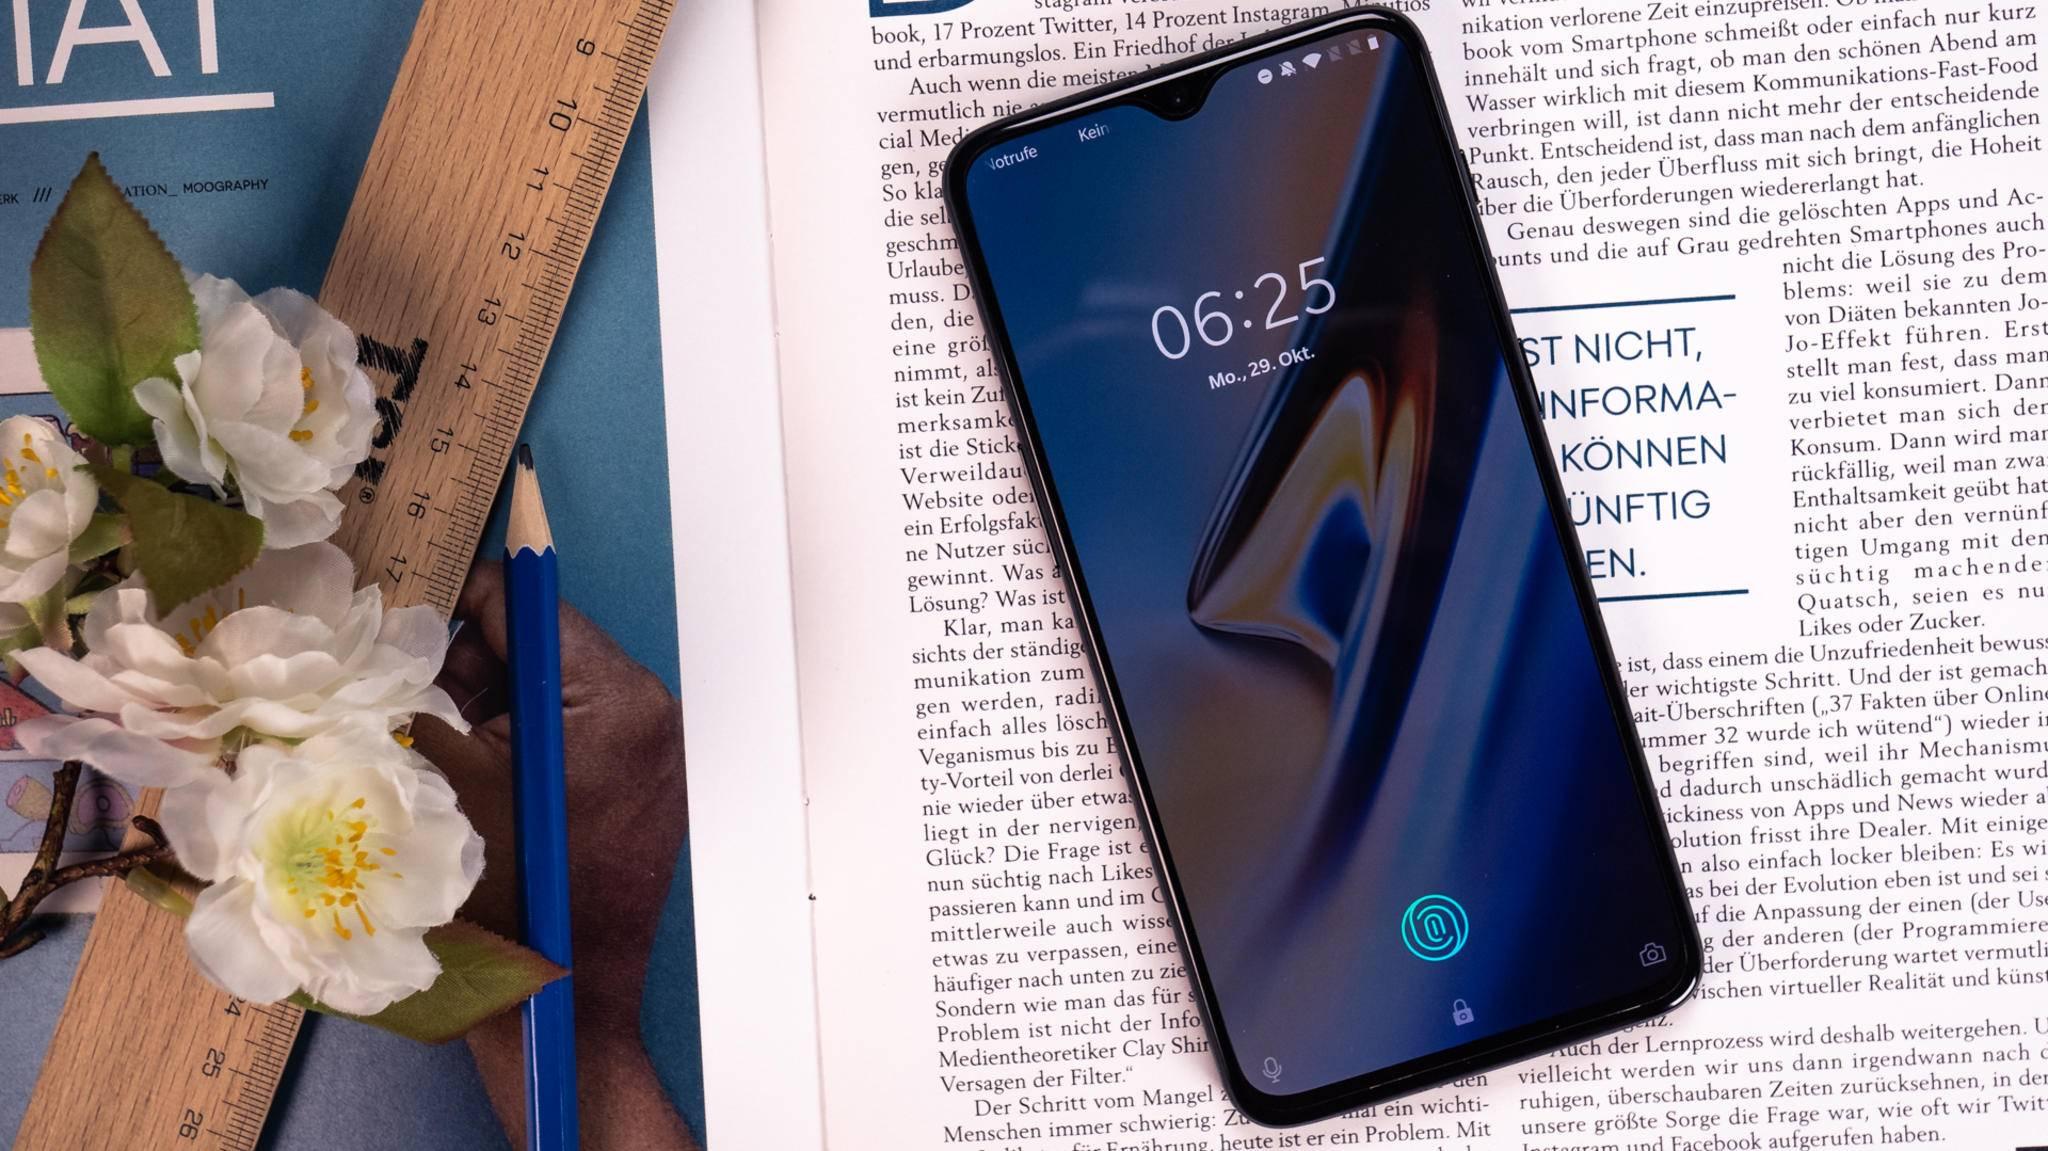 Ein neues OnePlus-Smartphone (hier das OnePlus 6T) soll den Snapdragon 855 auf dem Markt einführen.